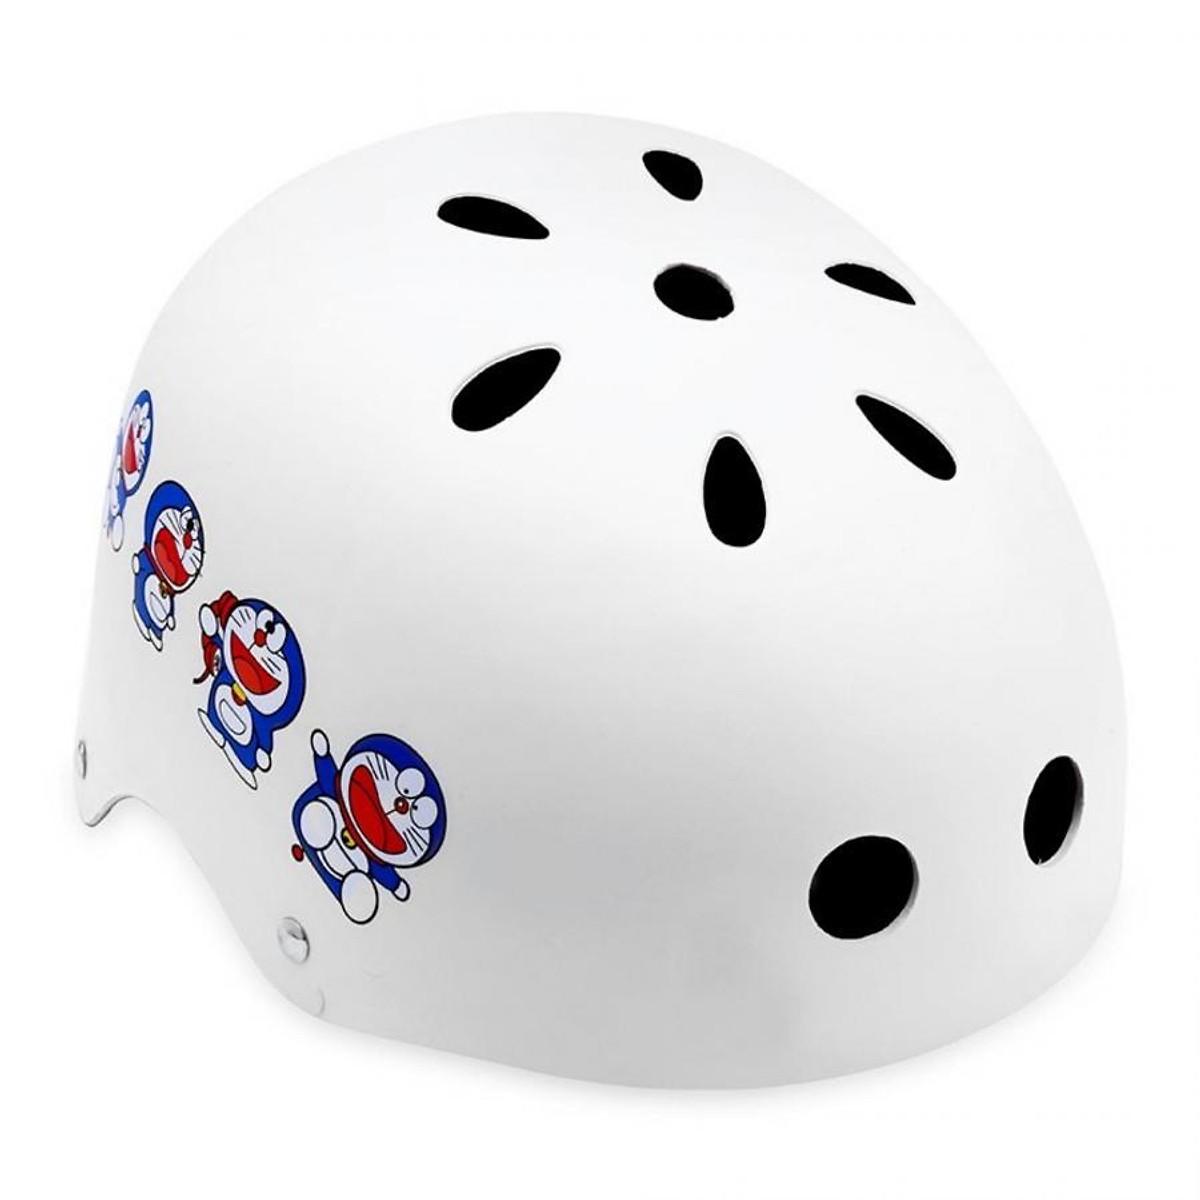 Mũ bảo hiểm xe đạp , Thương hiệu : BMX , hình doremon